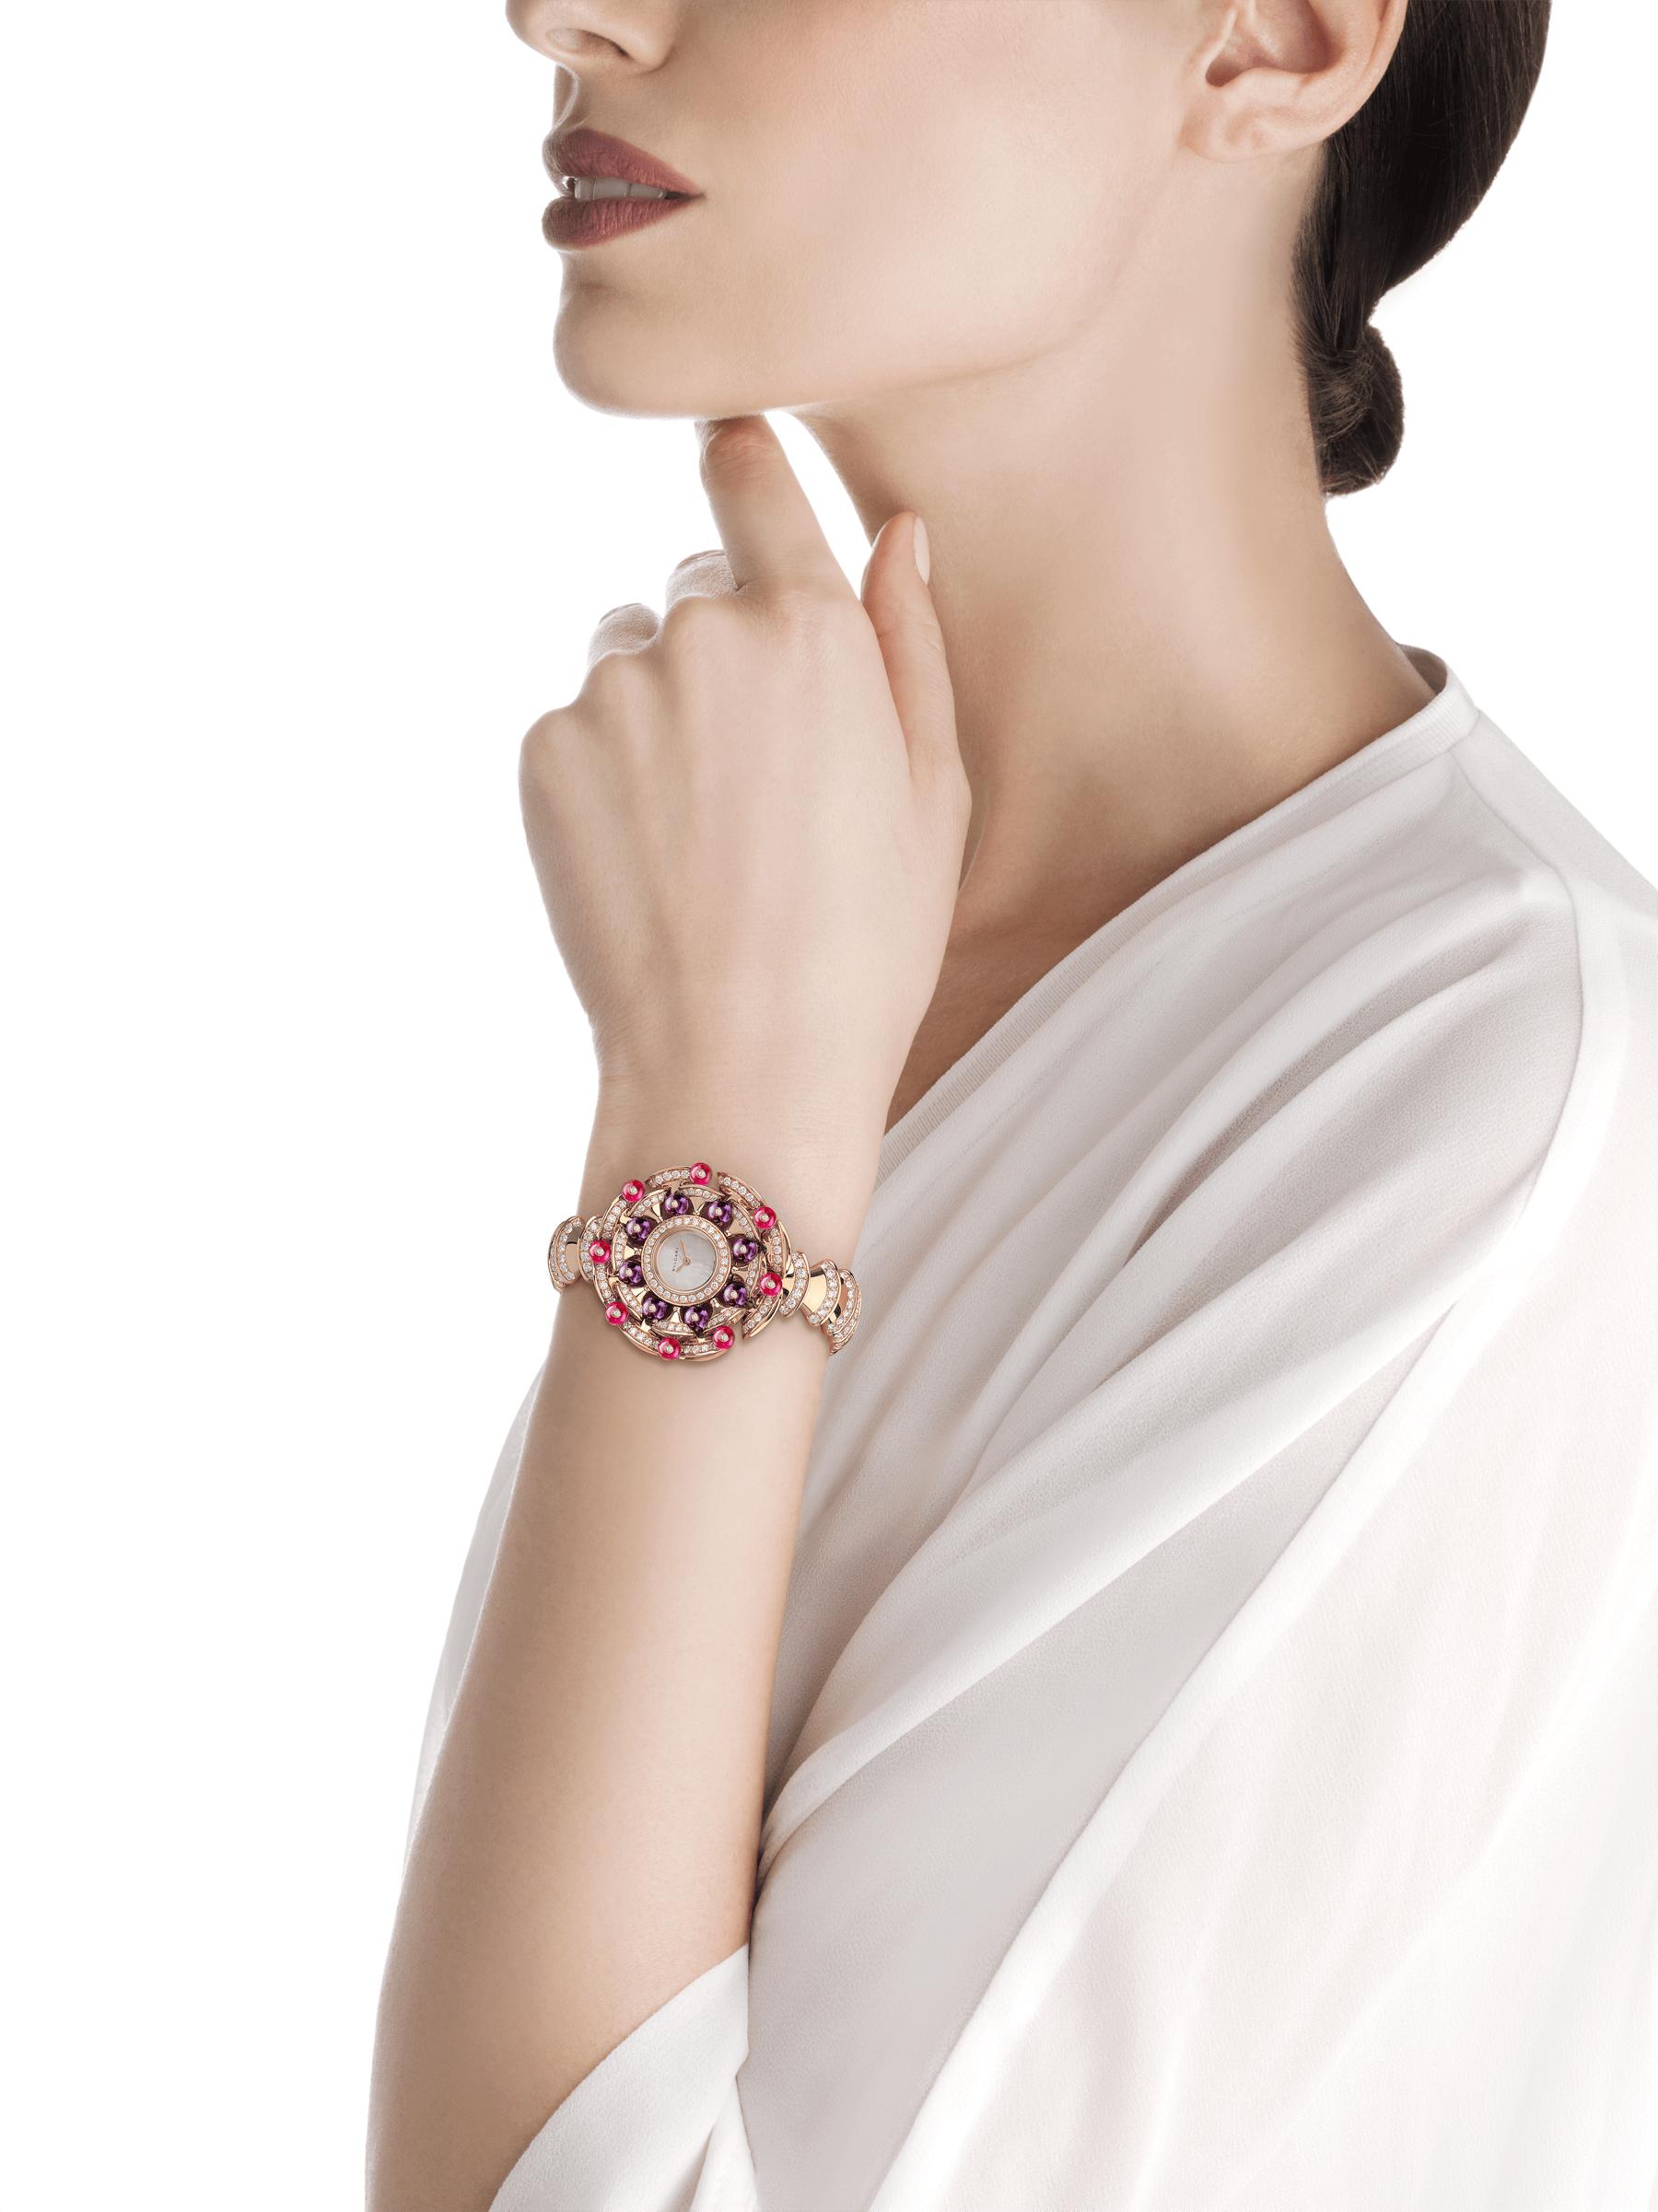 DIVAS' DREAM 腕錶,18K 玫瑰金錶殼鑲飾明亮型切割鑽石、紅碧璽圓珠和紫水晶圓珠。白色珍珠母貝錶盤,18K 玫瑰金錶帶鑲飾明亮型切割鑽石。 102080 image 3